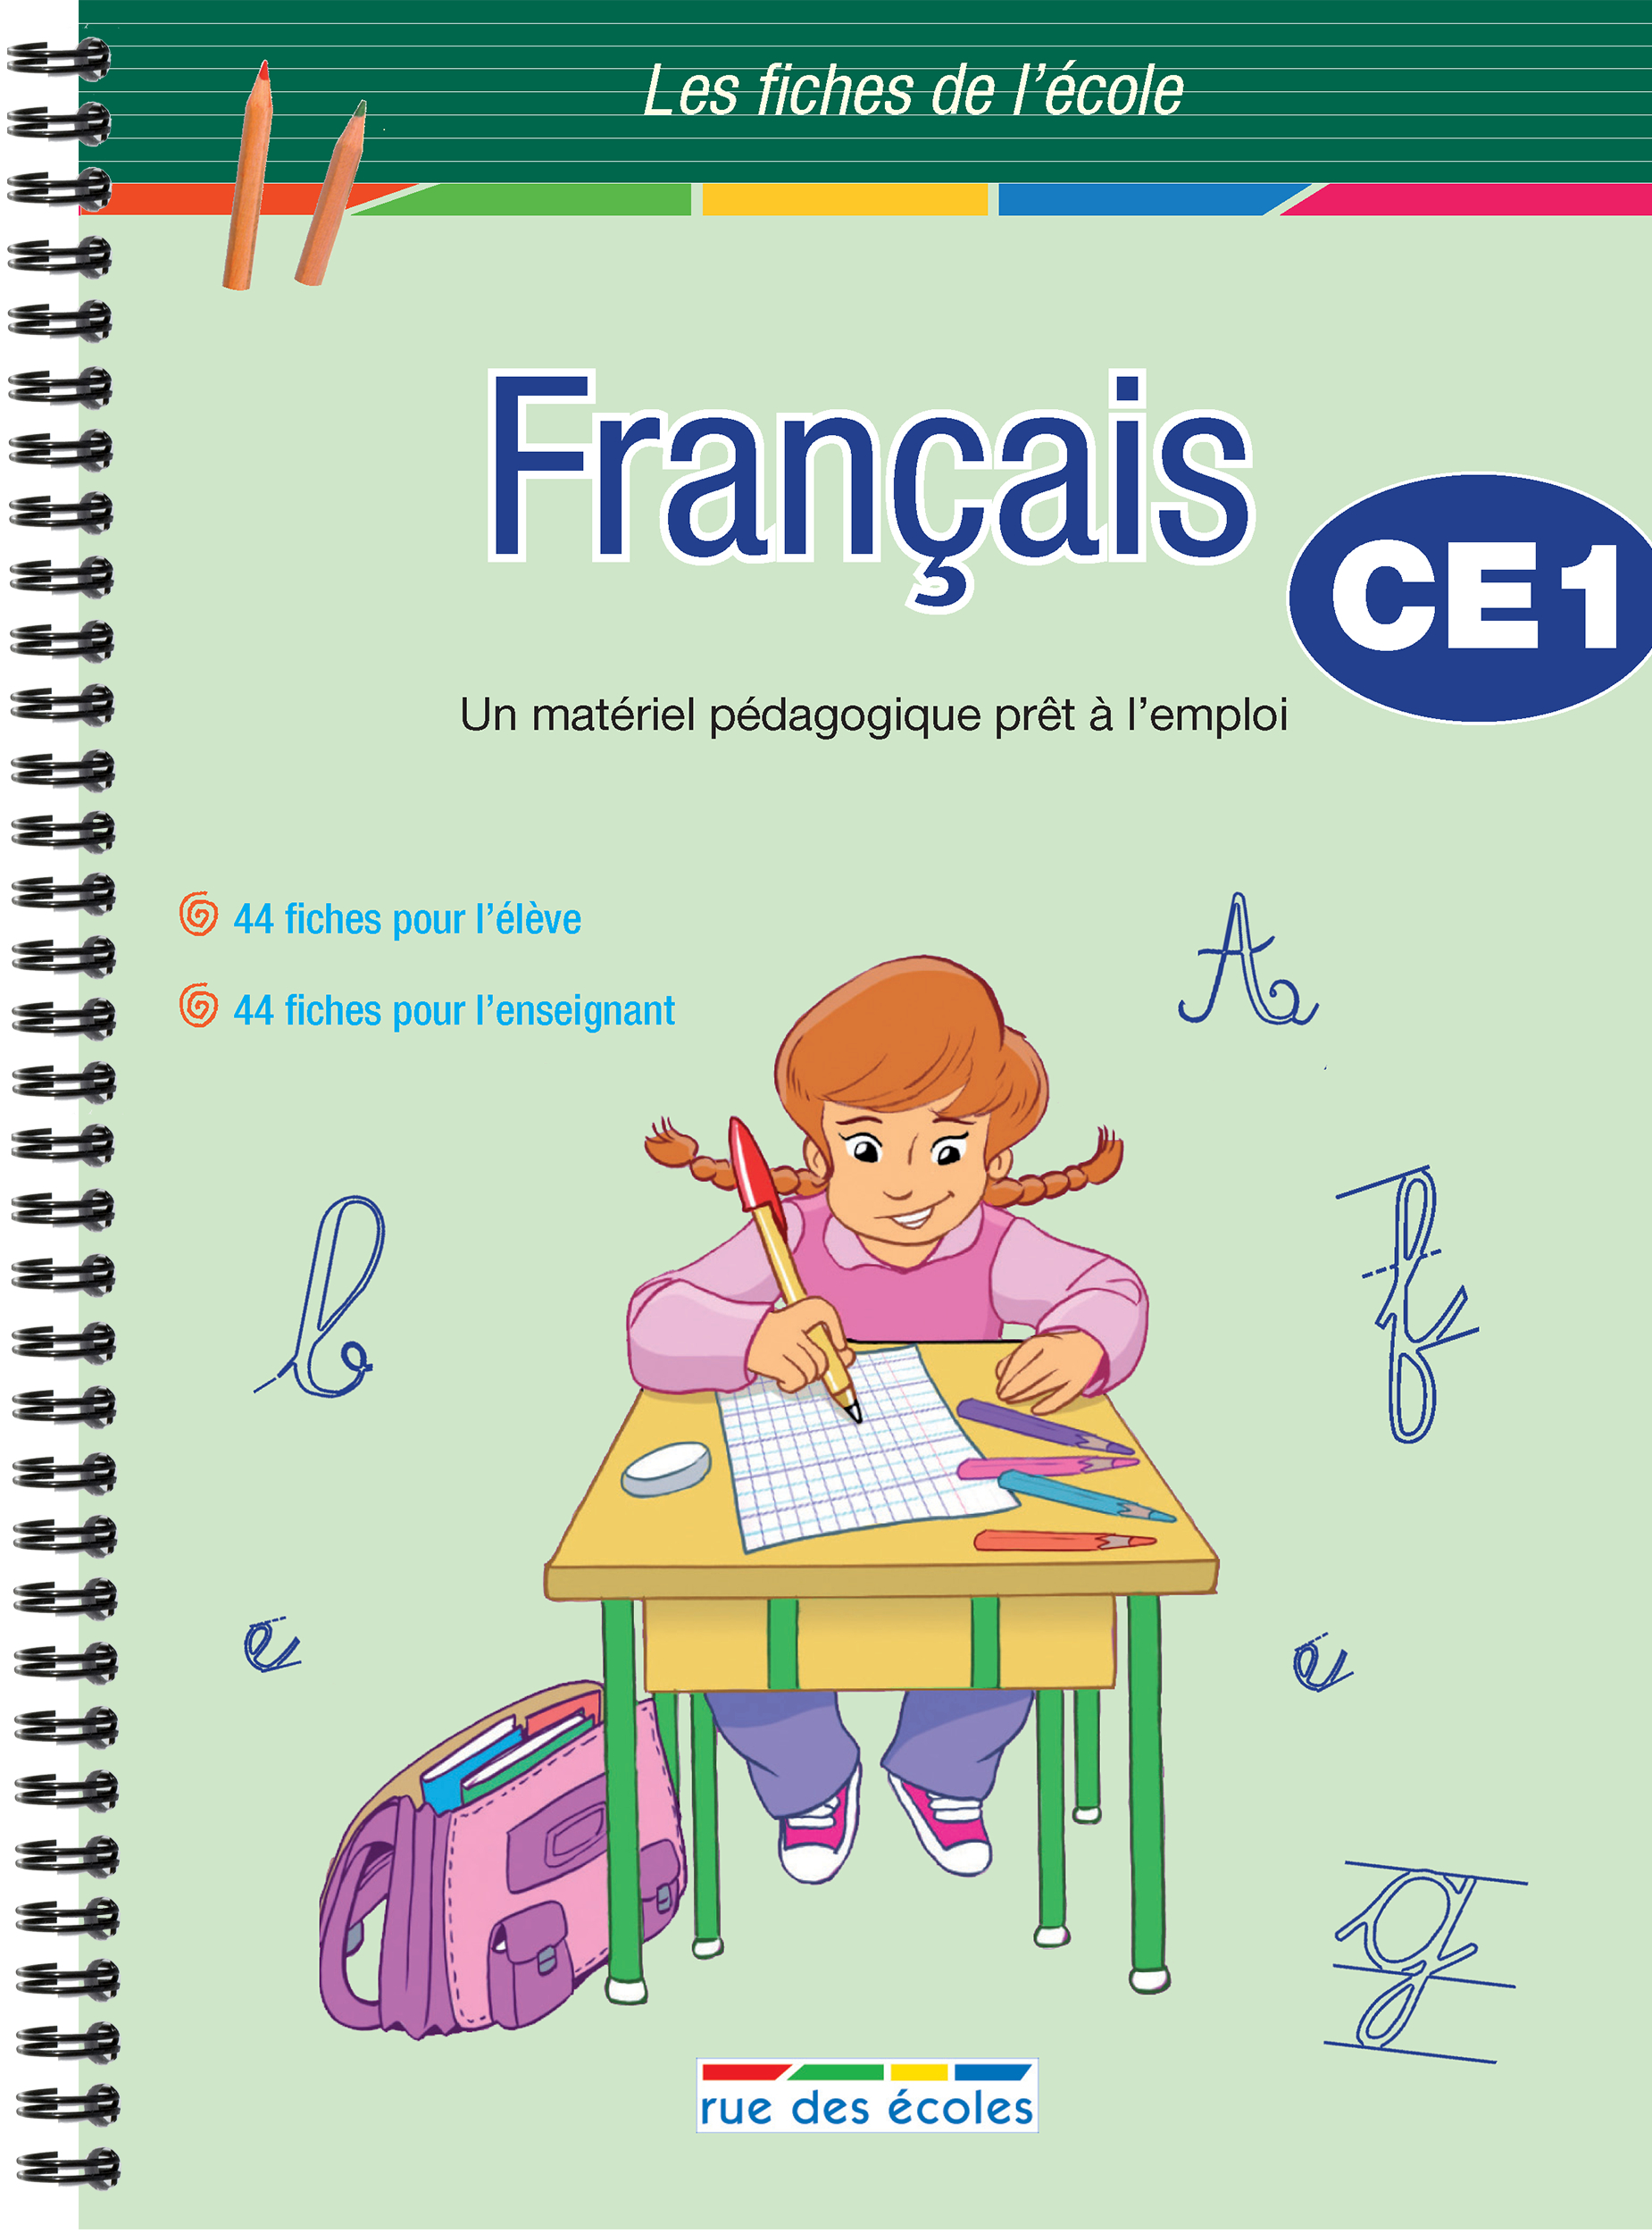 CE1 FRANCAIS FICHES DE L'ECOLE